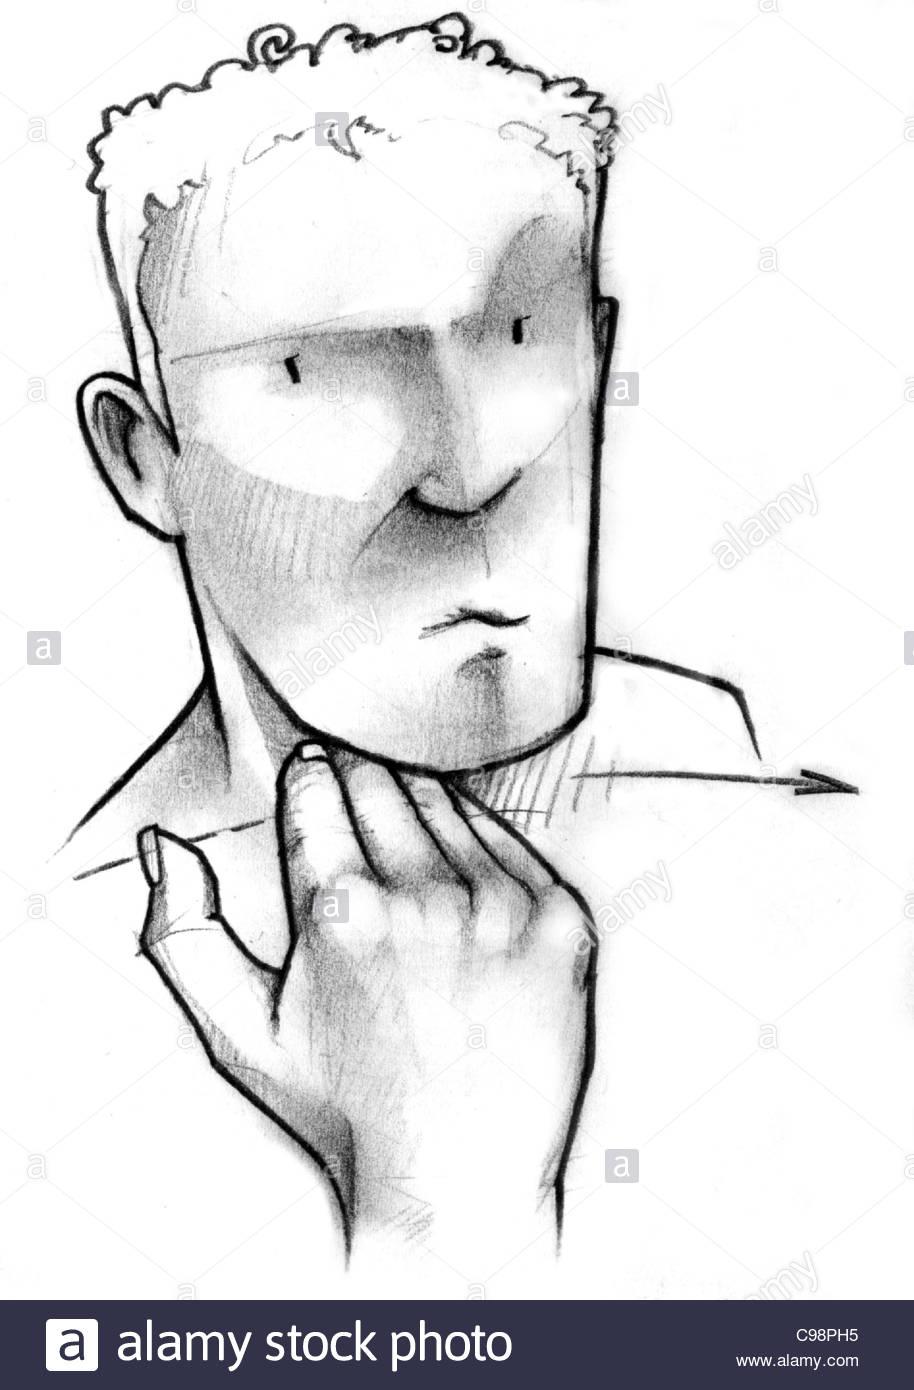 1 Larynx Stockfotos & 1 Larynx Bilder - Alamy